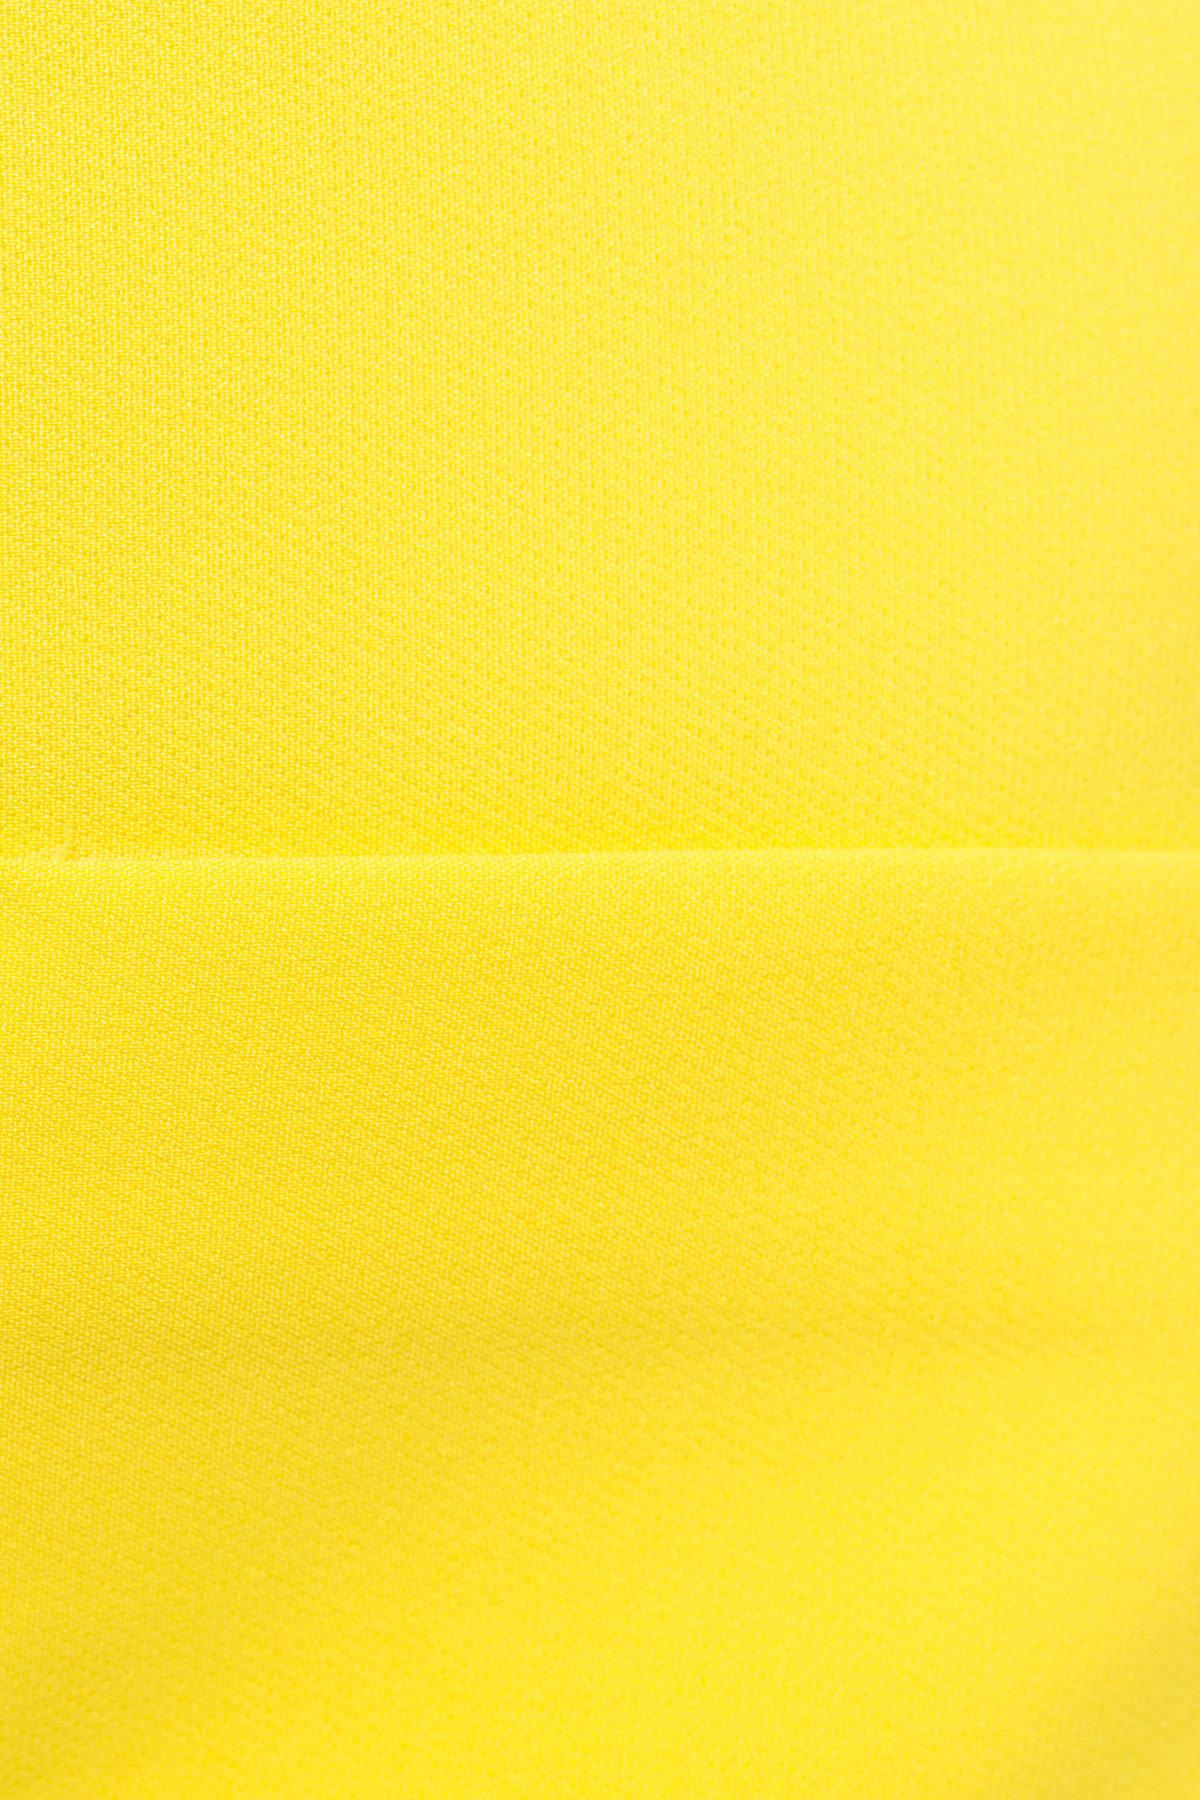 Юбка Рона 2762 АРТ. 15175 Цвет: Желтый - фото 4, интернет магазин tm-modus.ru